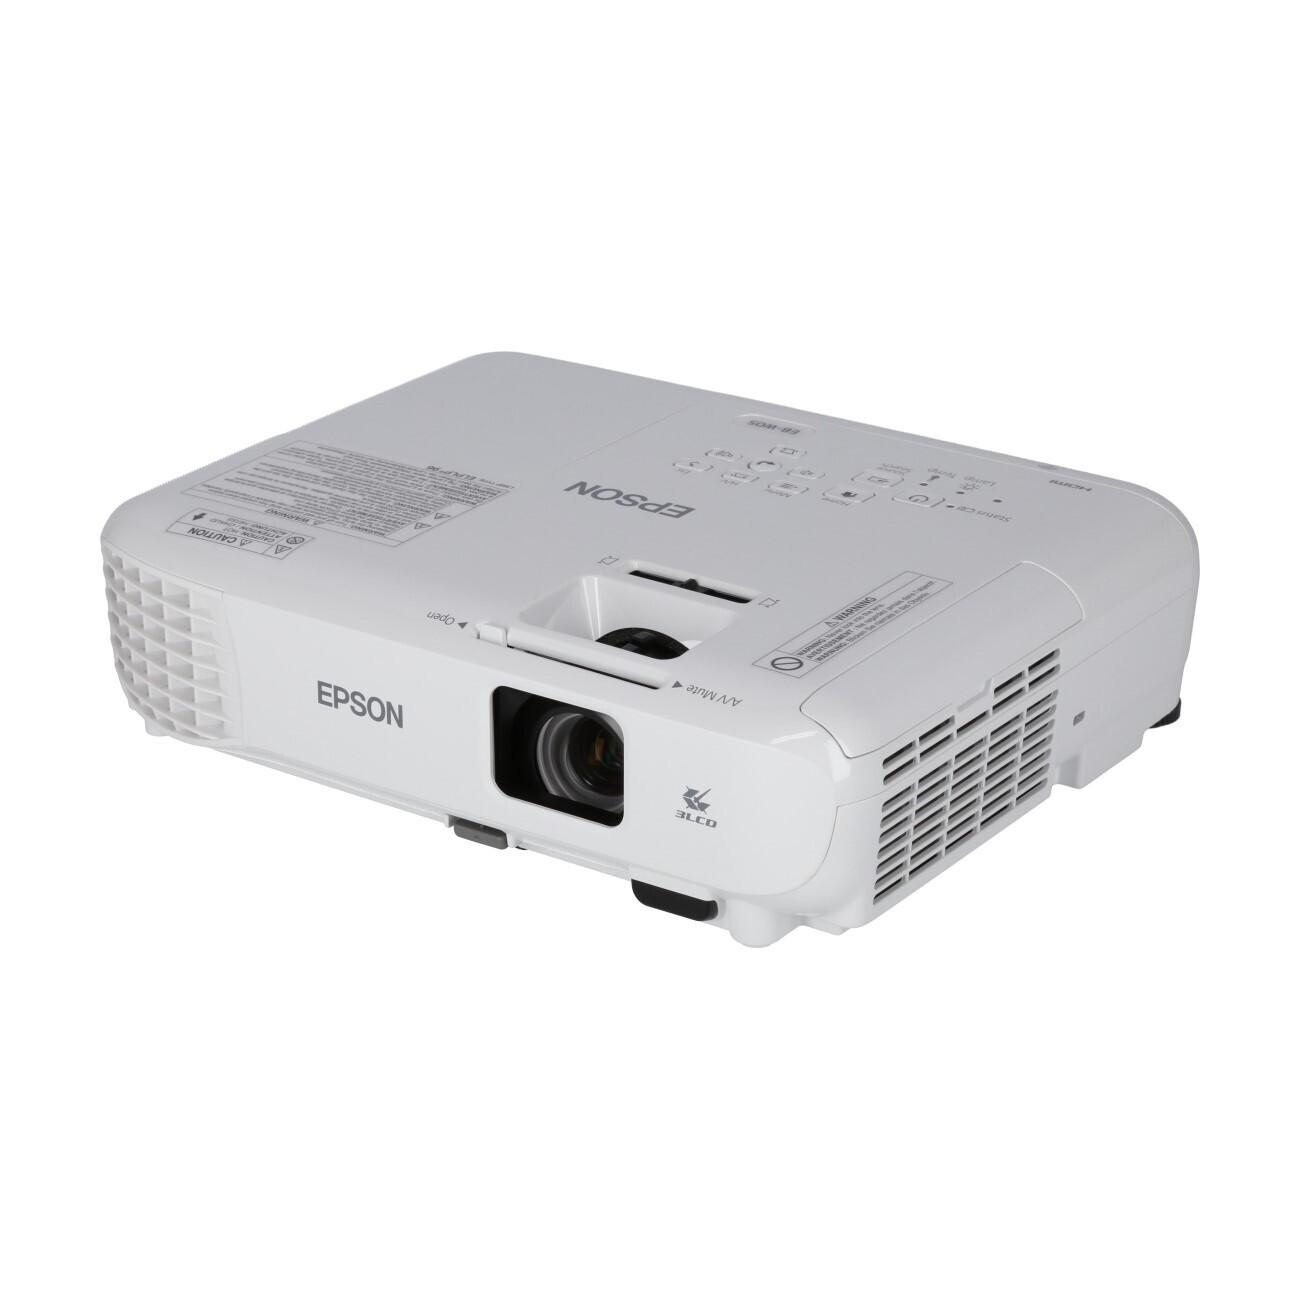 Epson EB-W05 Heimkino Beamer mit 3300 ANSI-Lumen und WXGA Auflösung